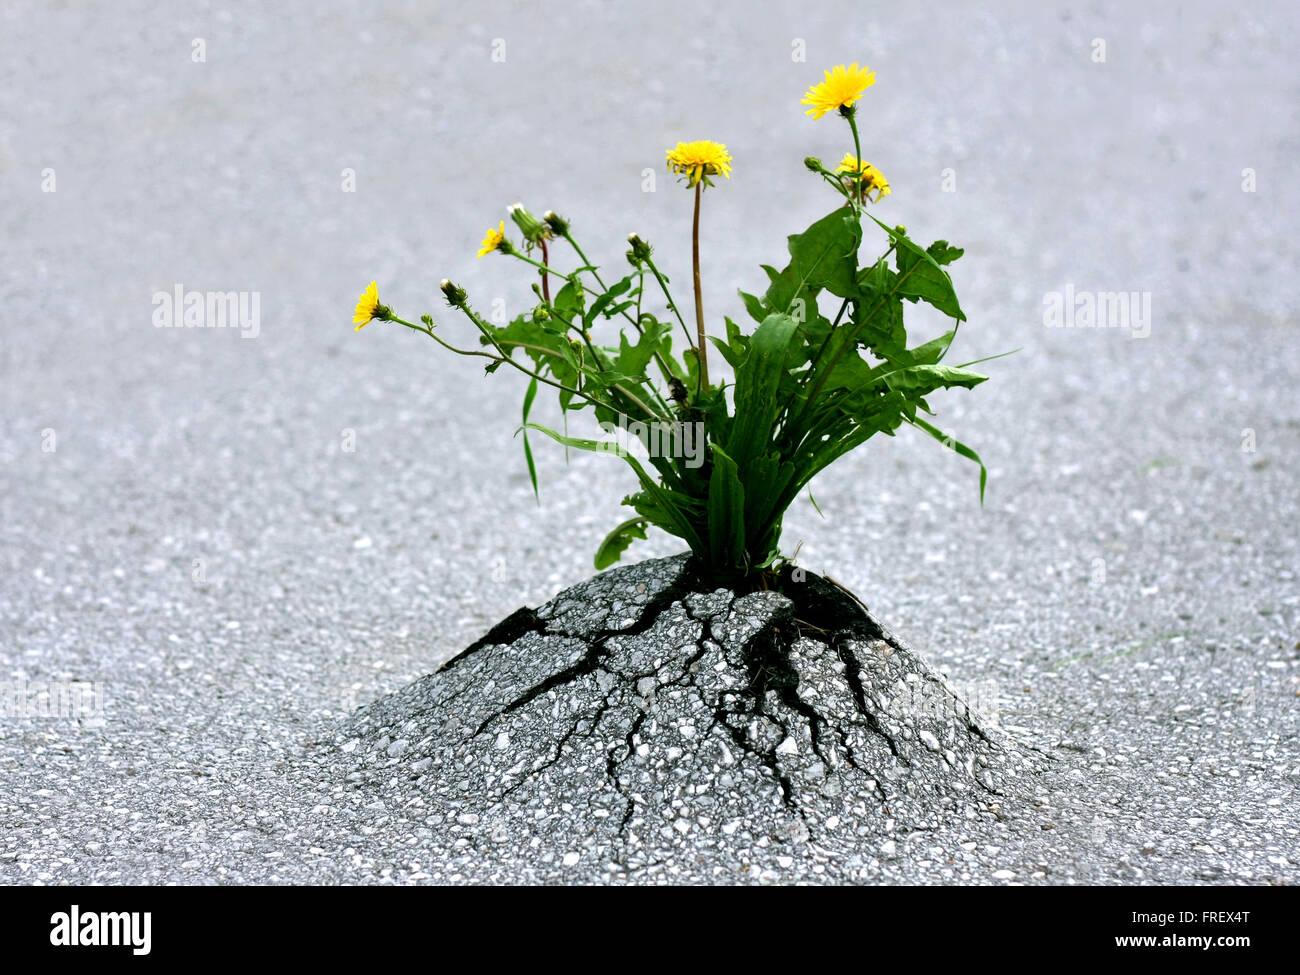 Les plantes levées par rock hard de l'asphalte. Illustre la force de la nature et de réalisations Photo Stock